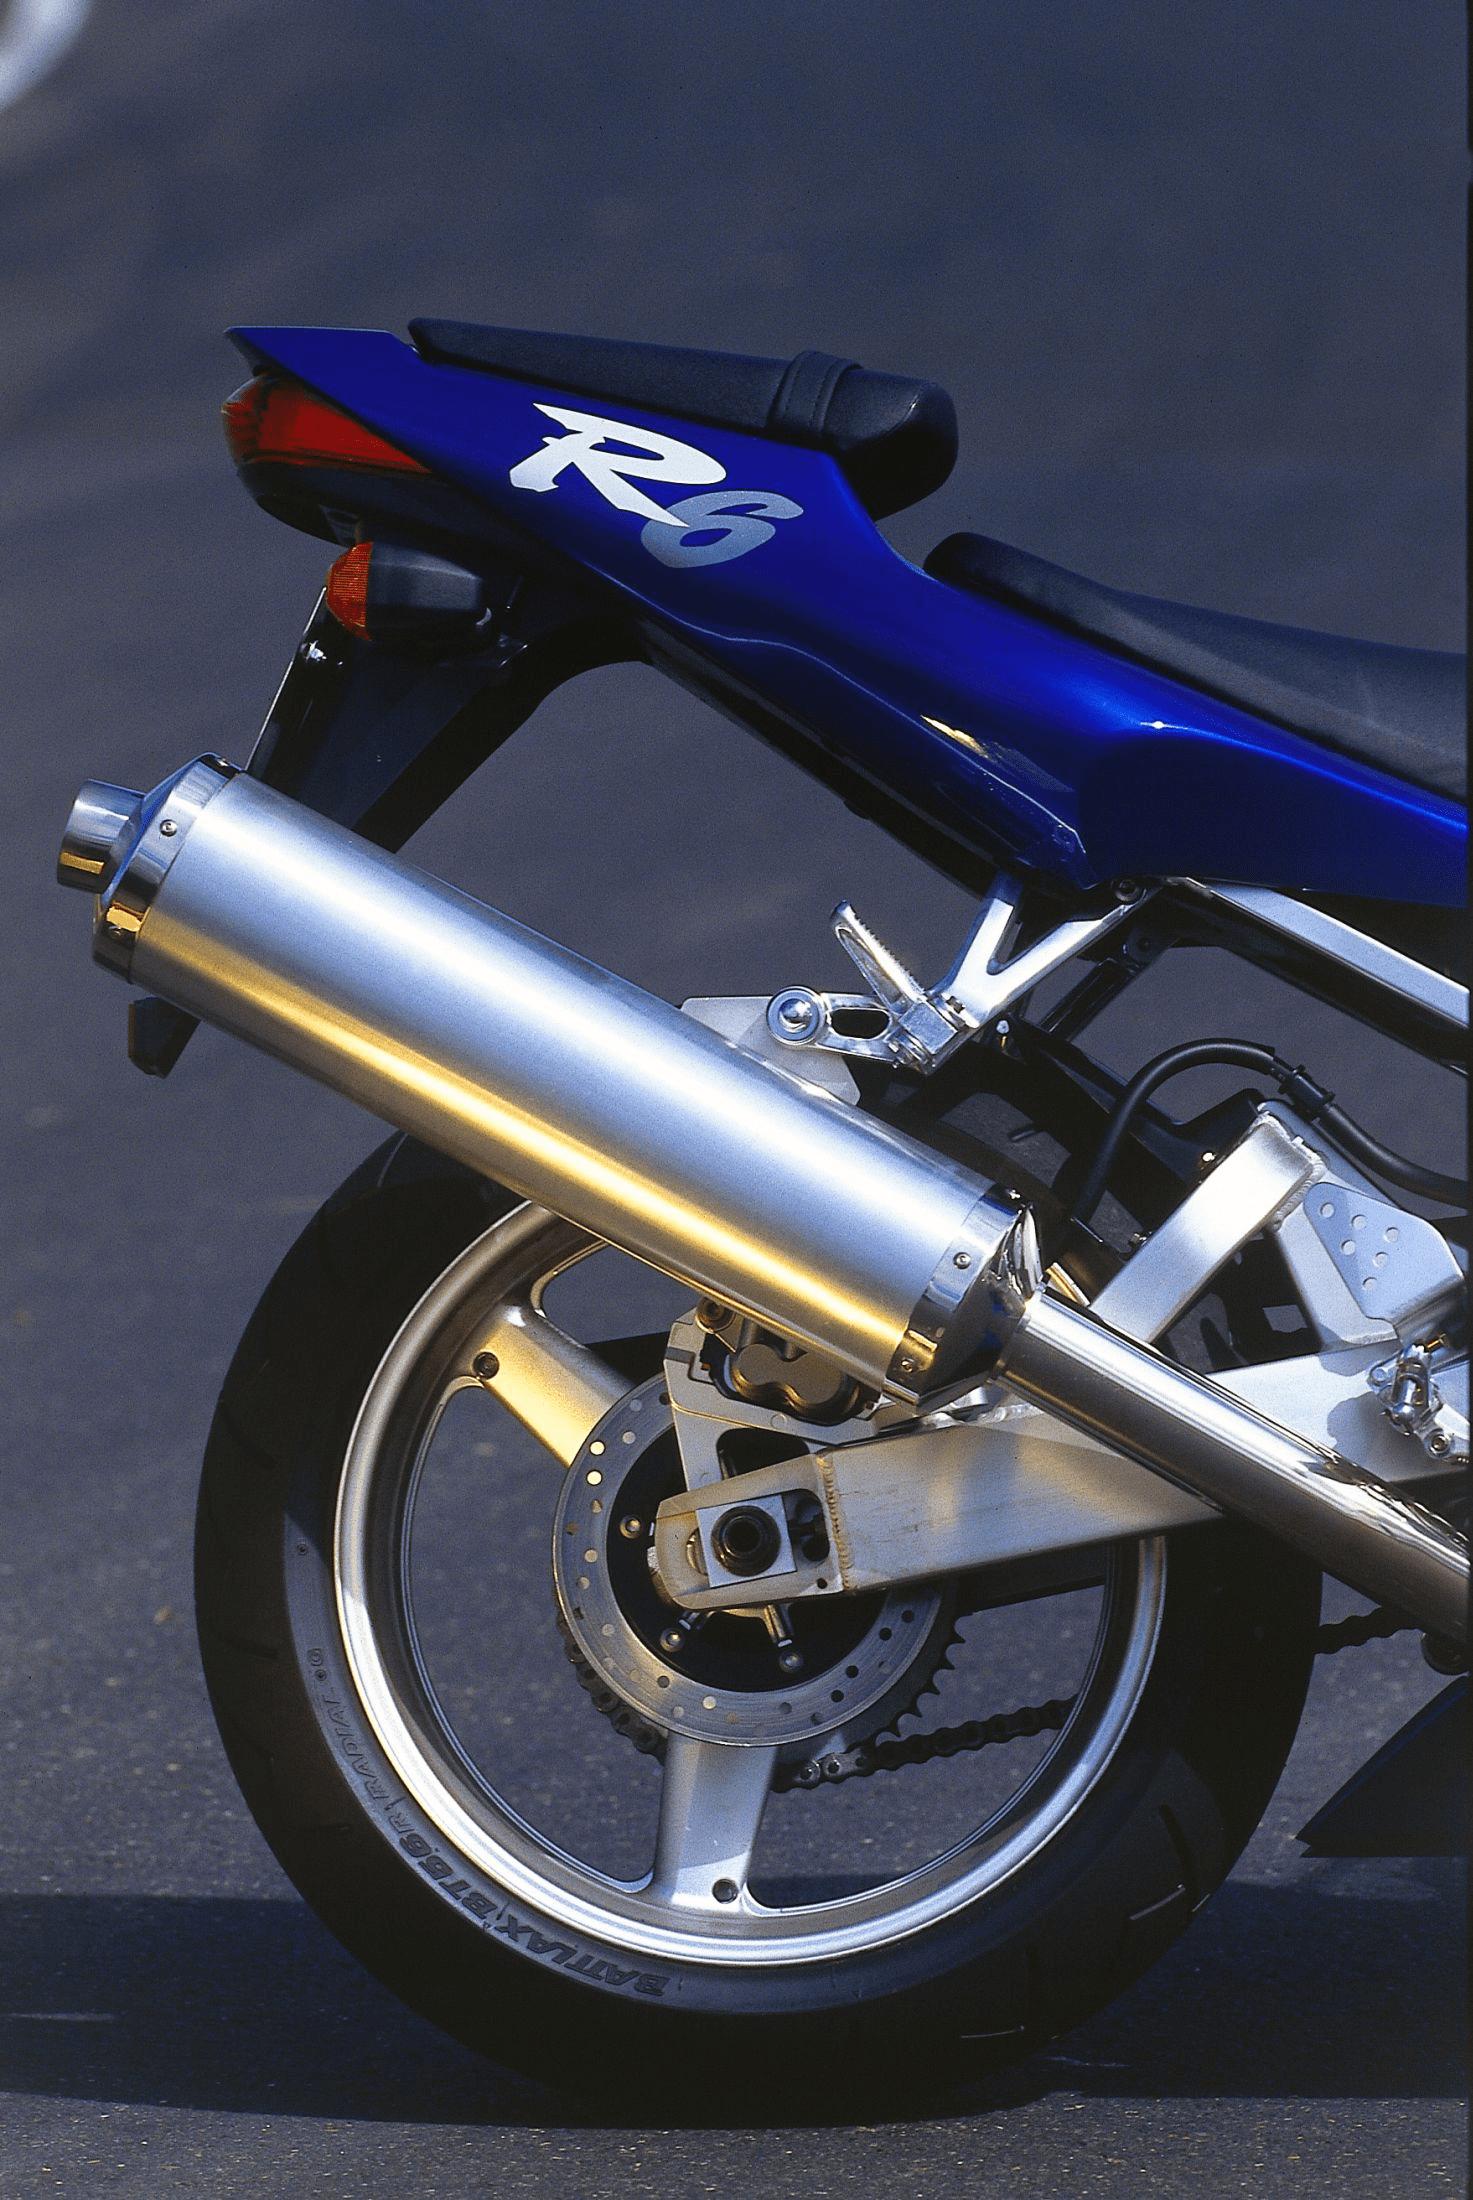 2001 Yamaha R6 Wiring Diagram To Download 2001 Yamaha R6 Wiring